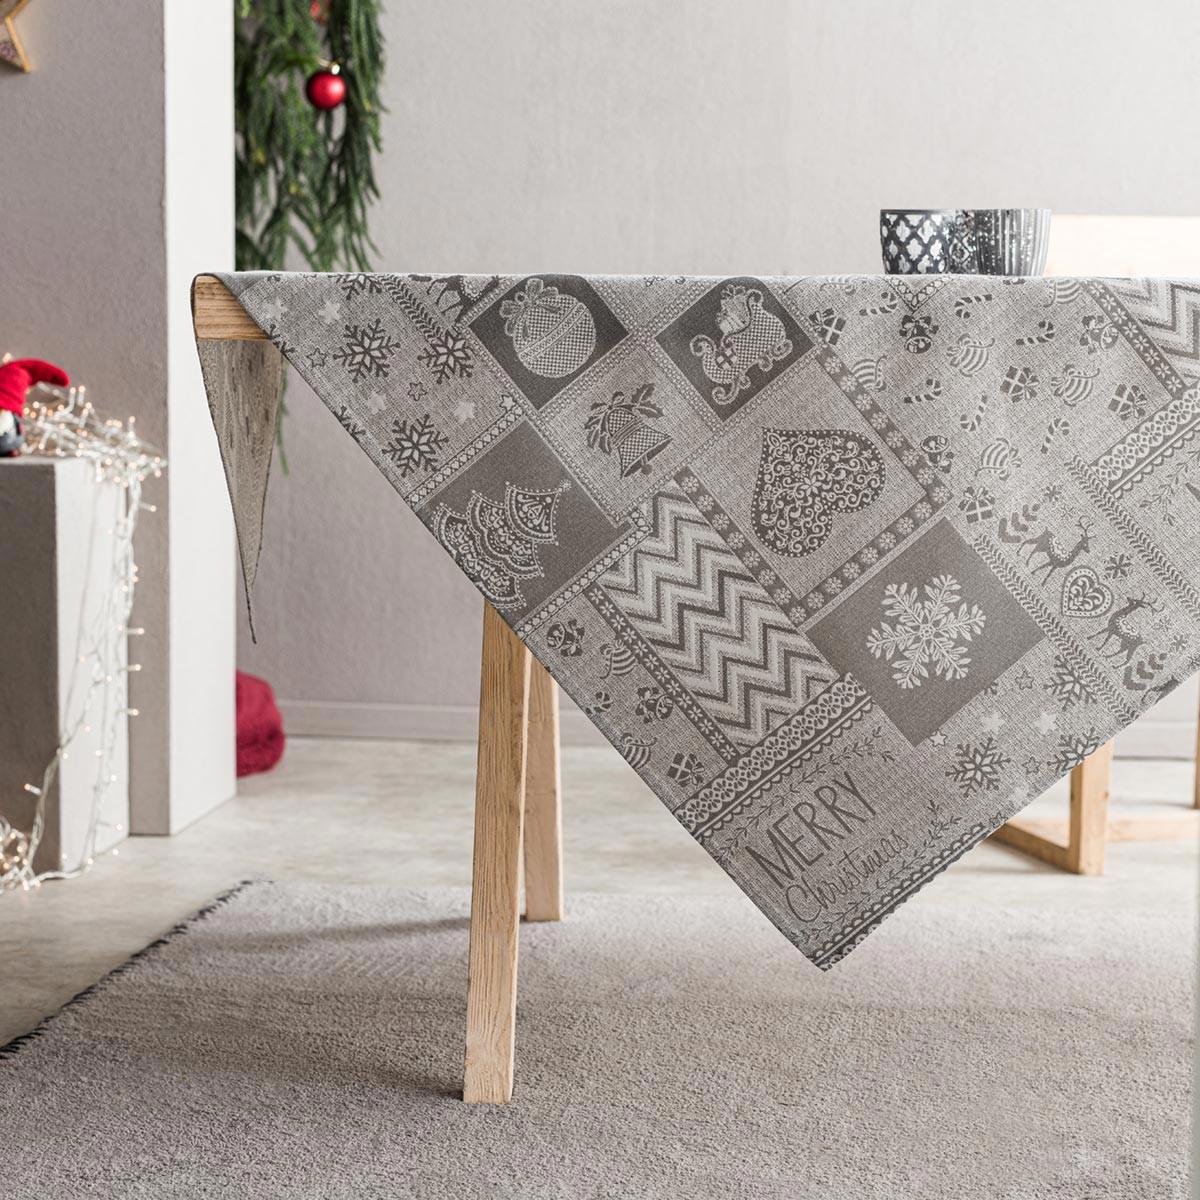 Χριστουγεννιάτικο Τραπεζομάντηλο (135×260) Gofis Home 594/15